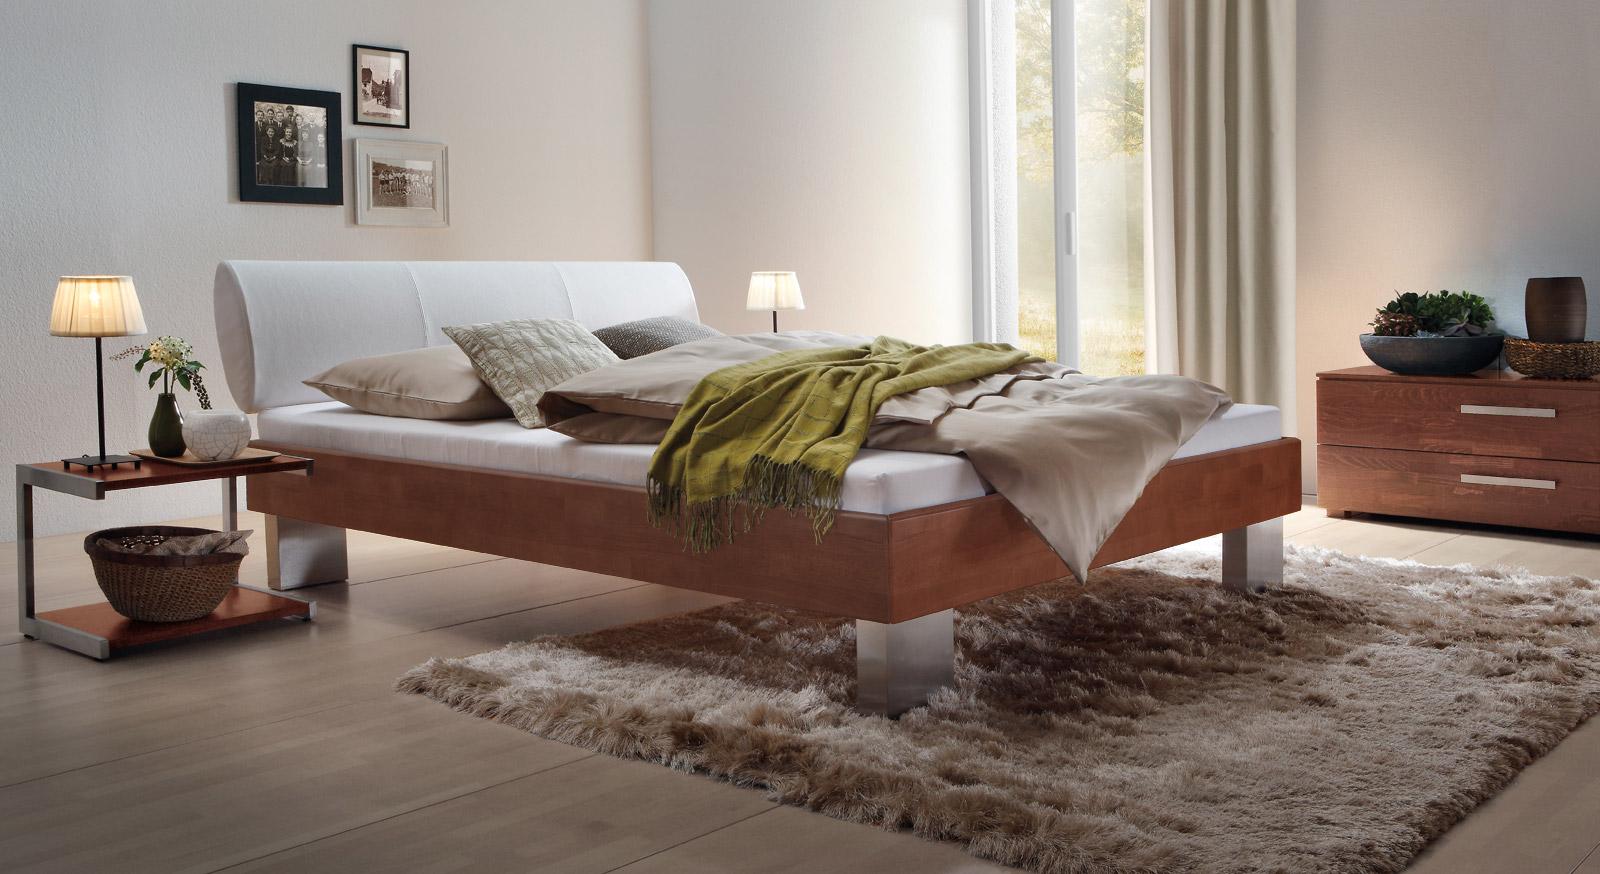 Bett Nuno aus kirschbaumfarbener Buche und weißem Kunstleder.